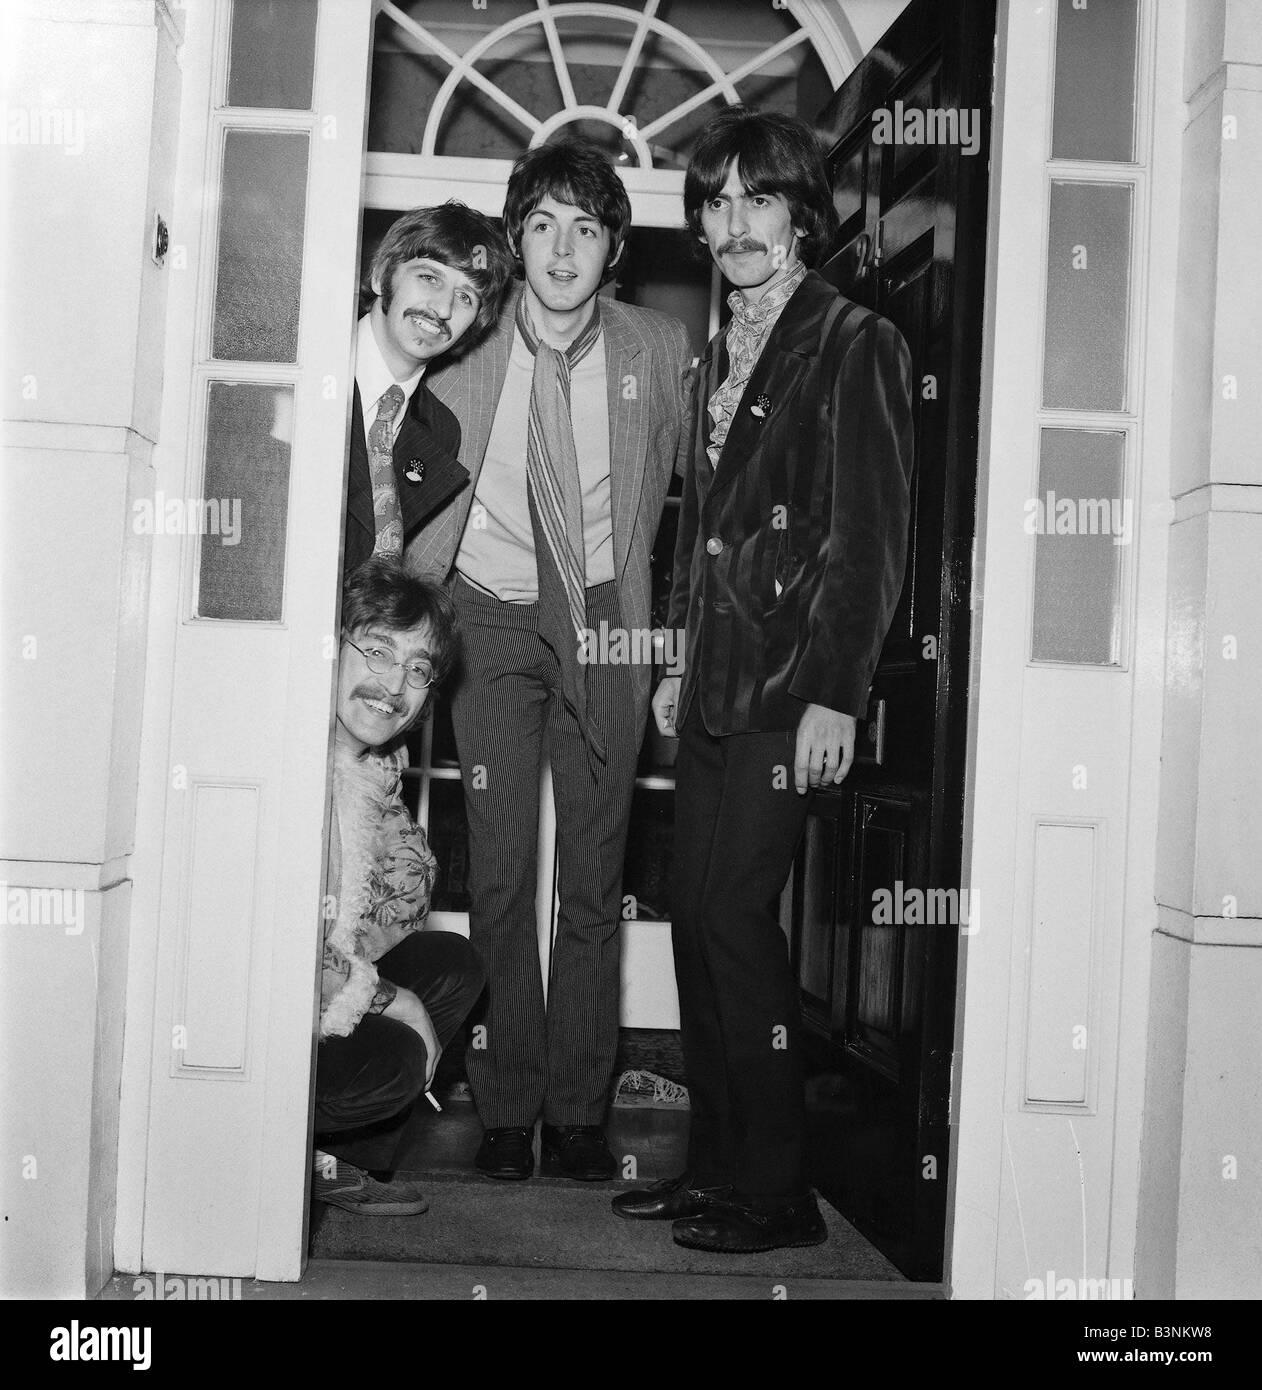 Beatles 1967 Stock Photos Amp Beatles 1967 Stock Images Alamy